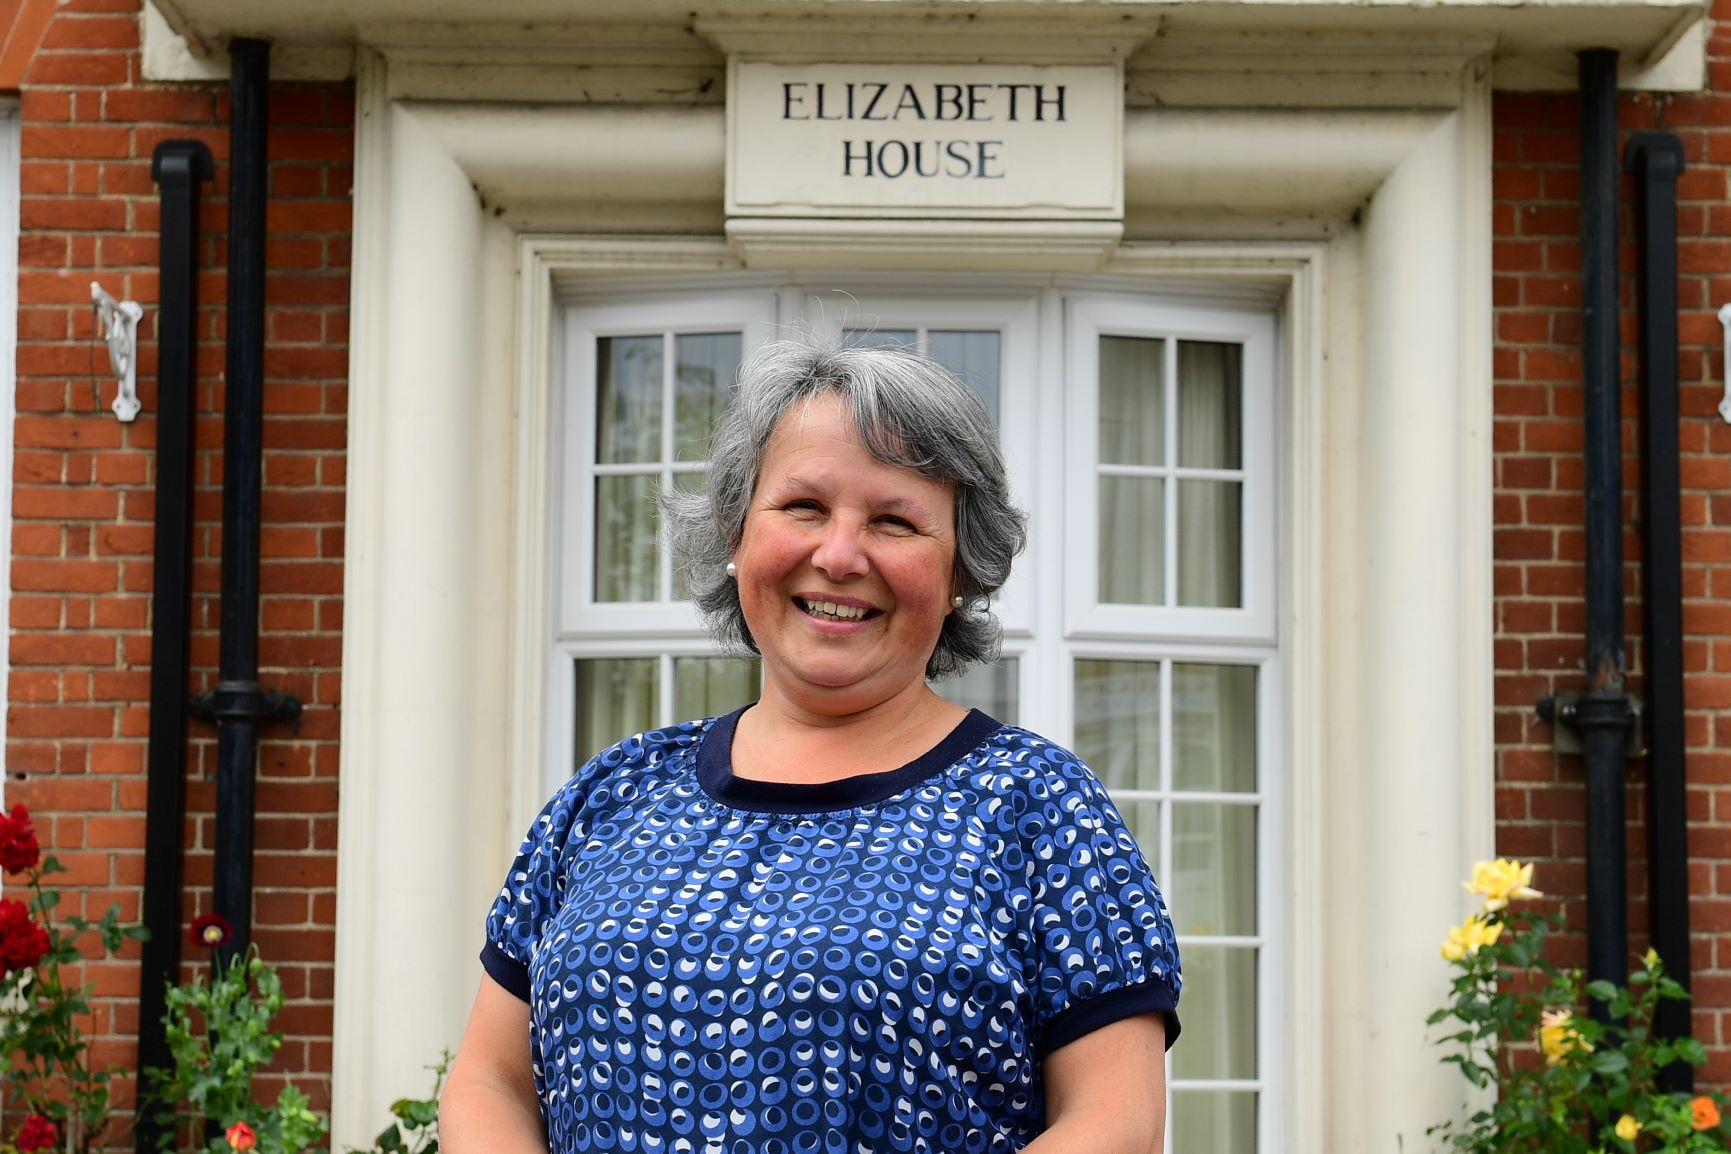 ELIZABETH HOUSE COOKHAM